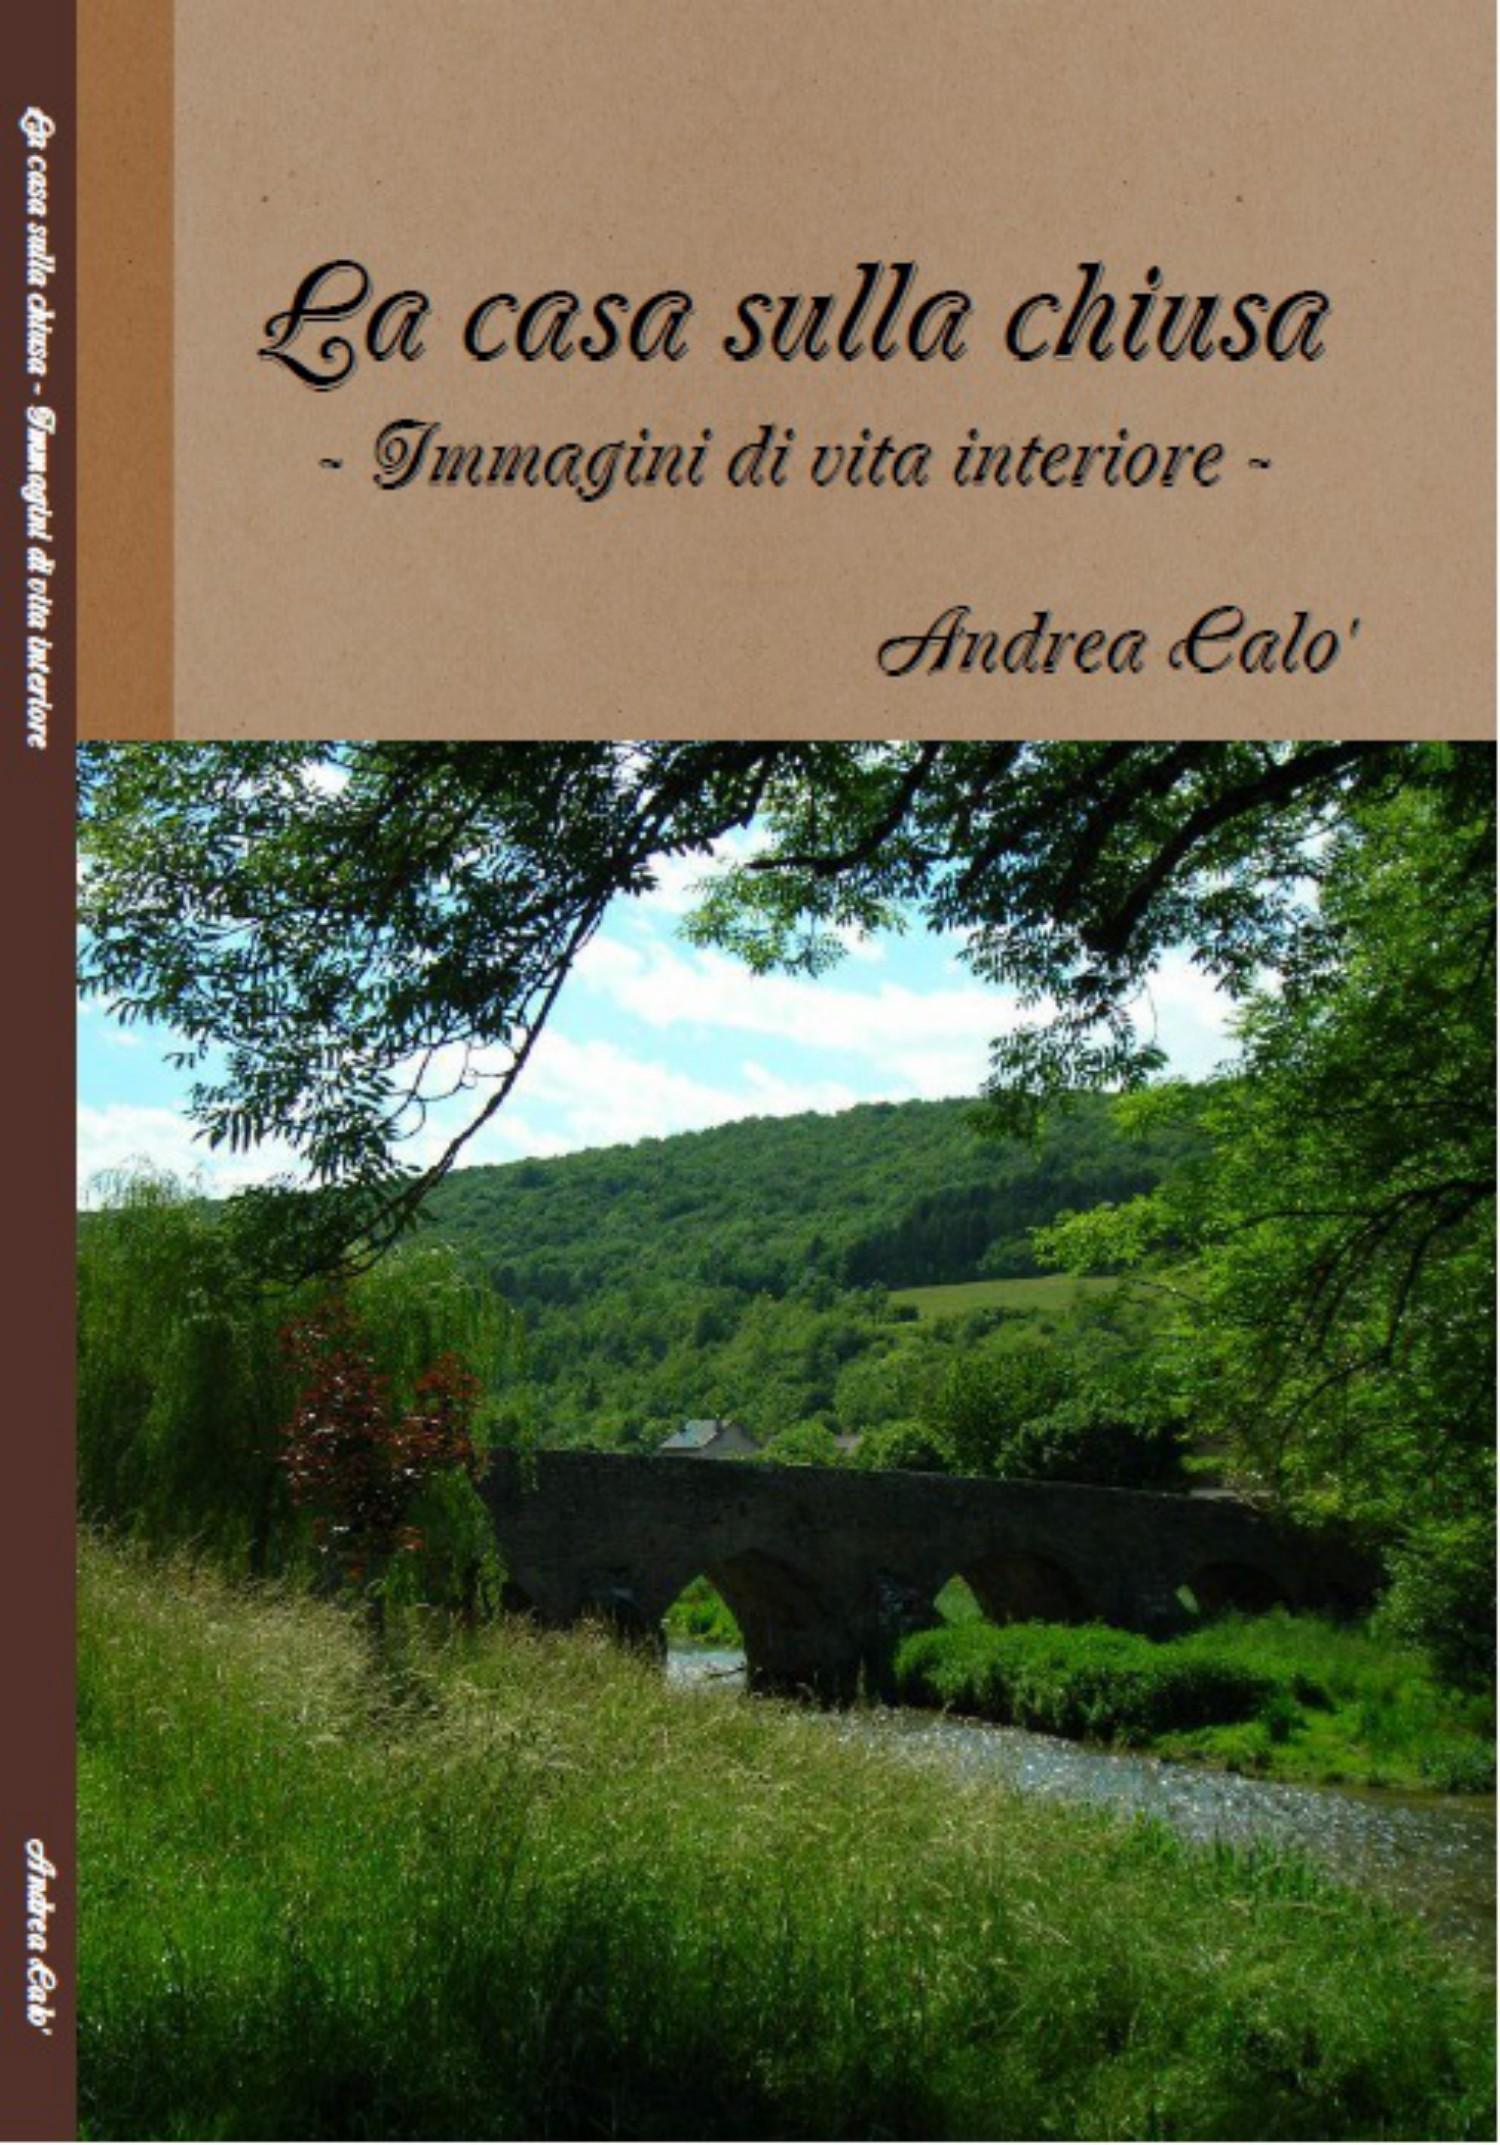 Andrea Calo' La Casa Sulla Chiusa calo tijuana